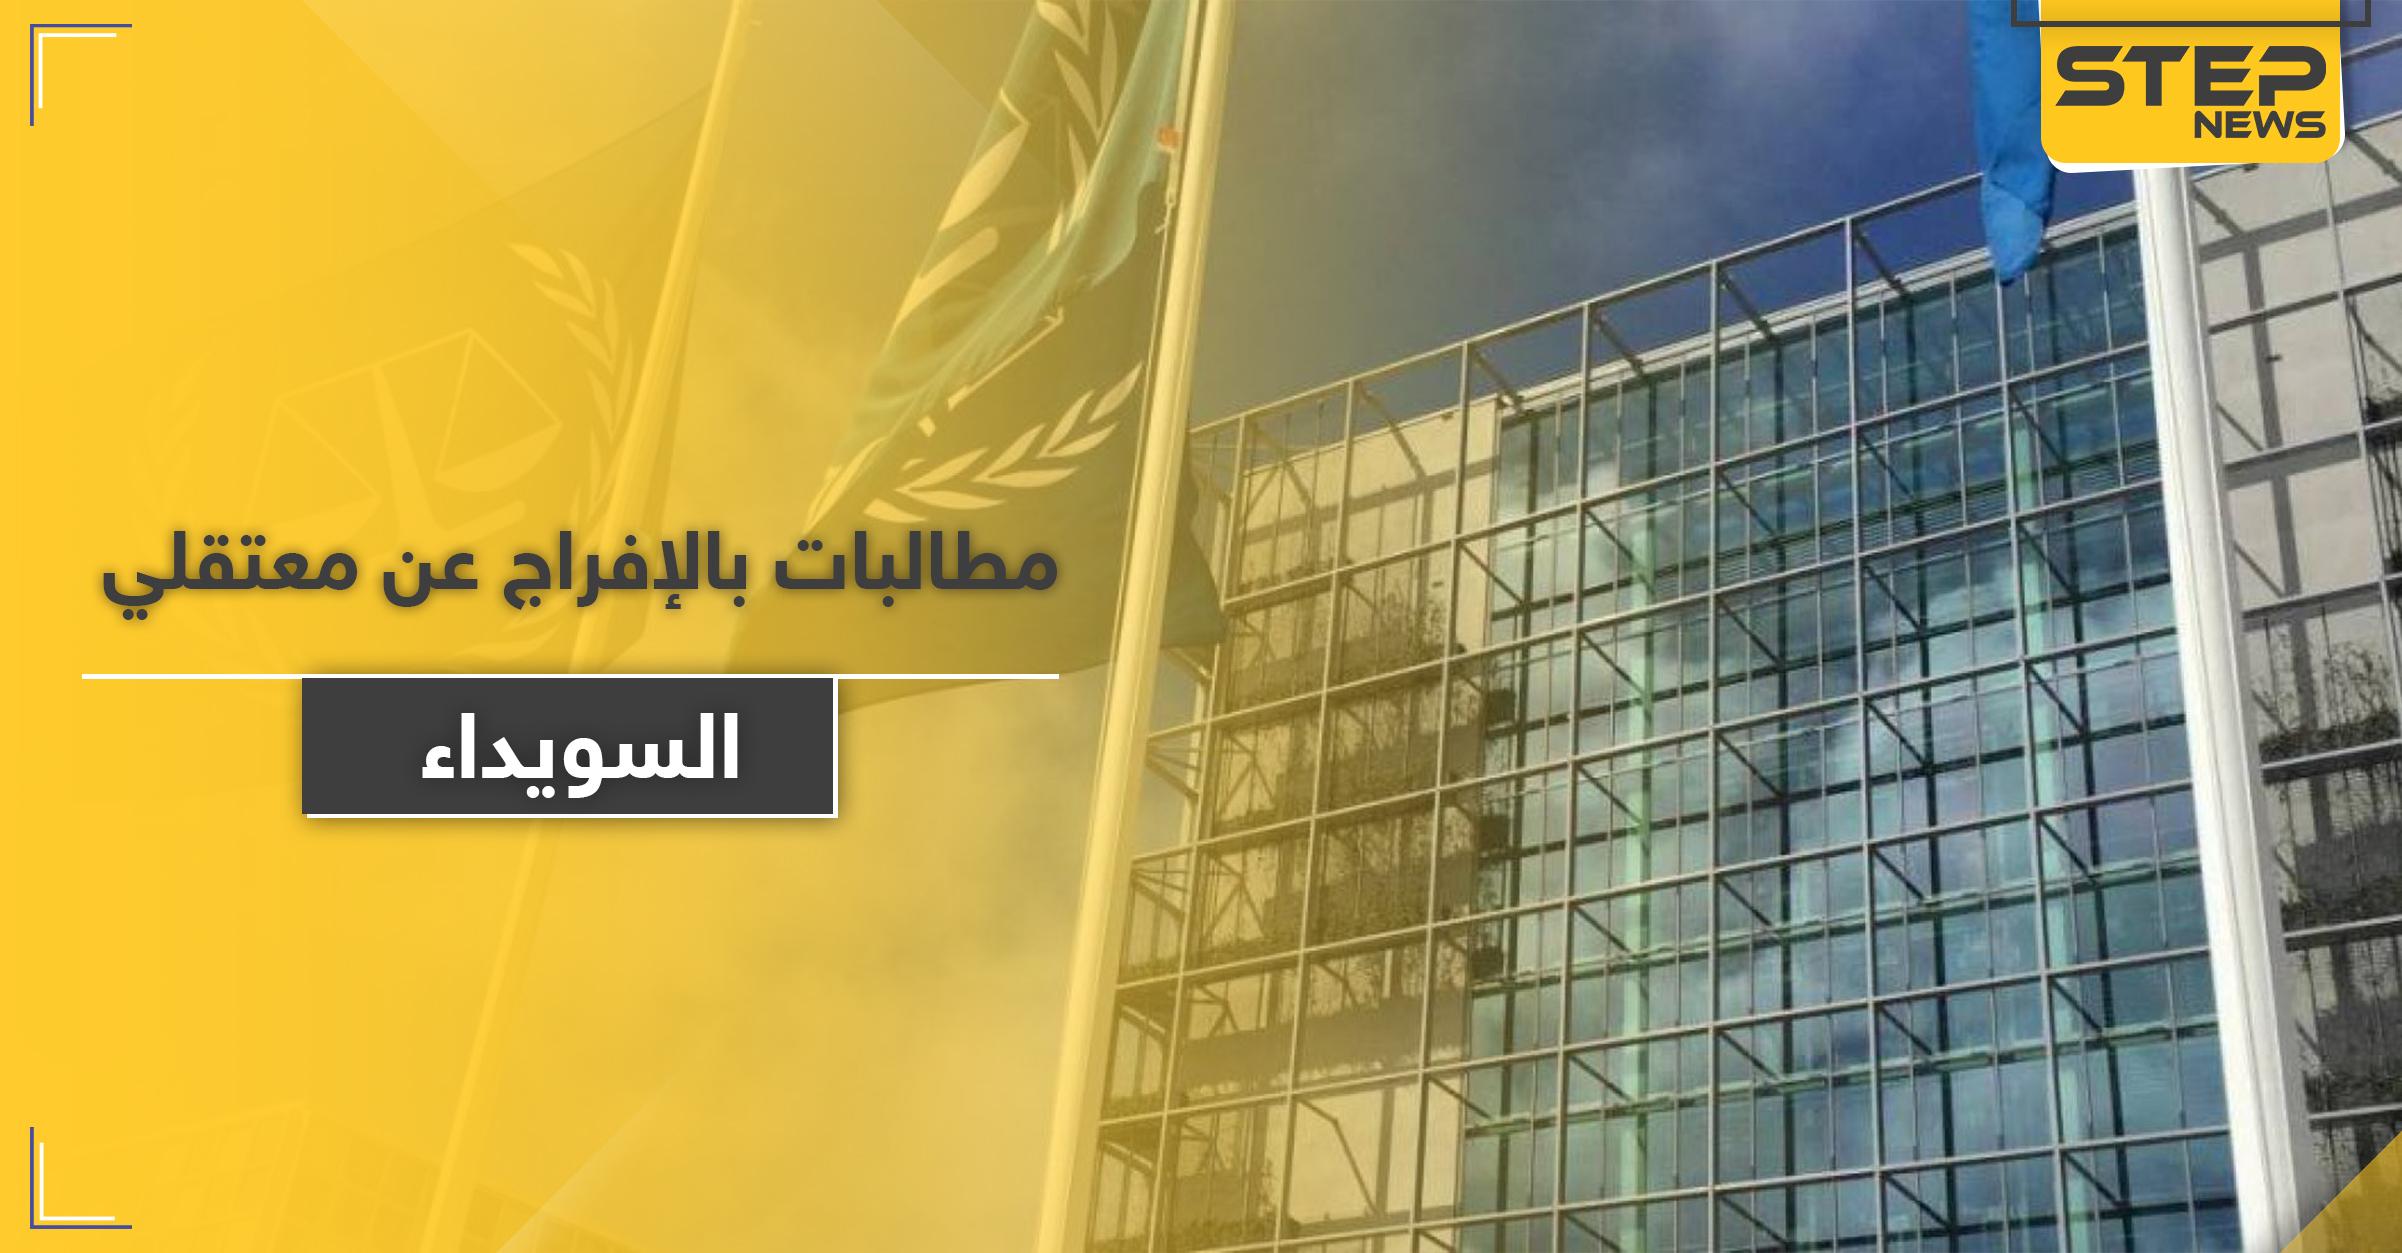 منظمة دولية تطالب النظام السوري بإطلاق سراح معتقلي مظاهرات السويداء